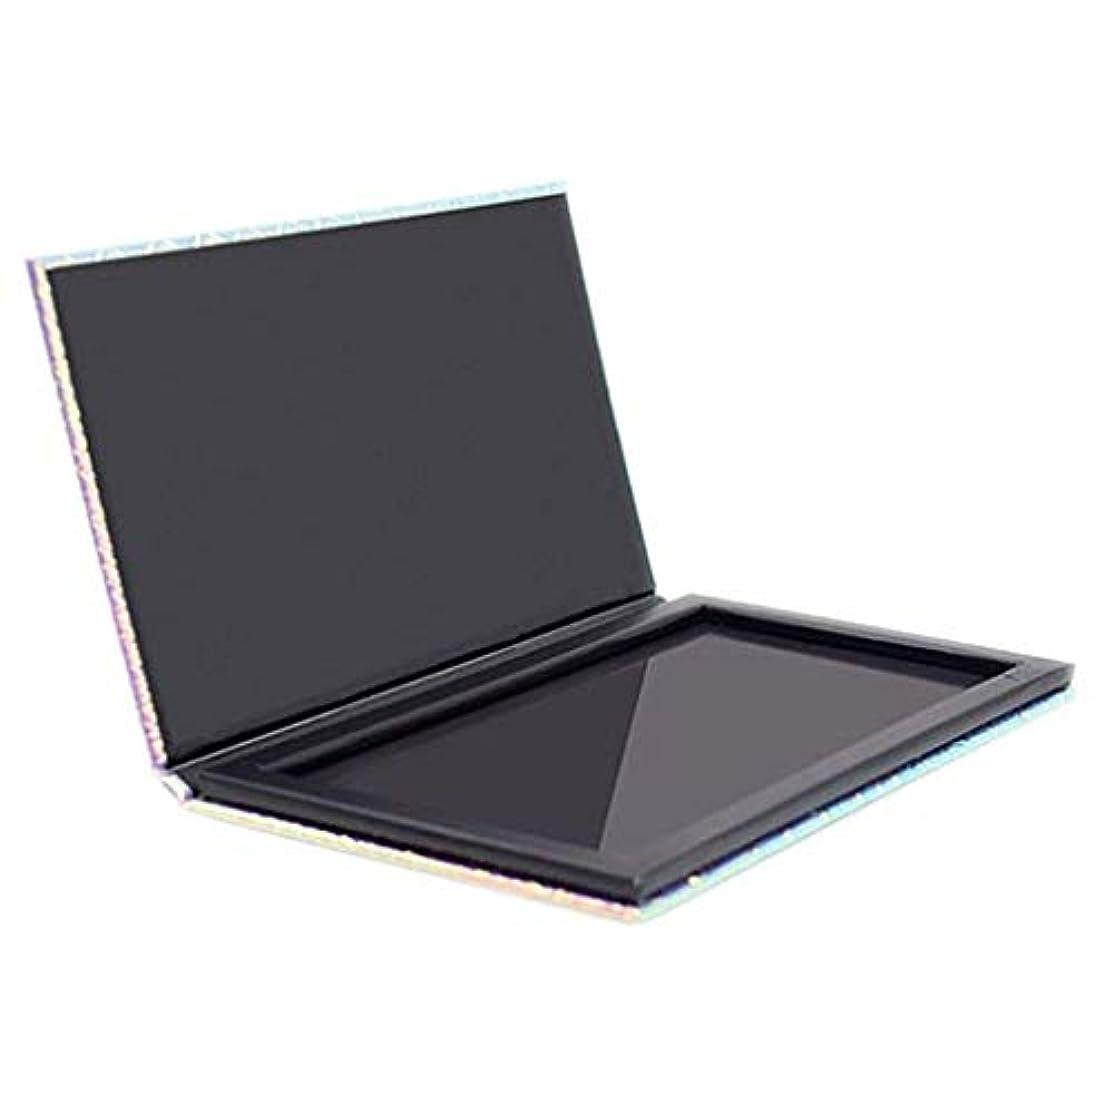 空の磁気パレット化粧パレットパッドヒョウ大パターンDIYパレット新しい